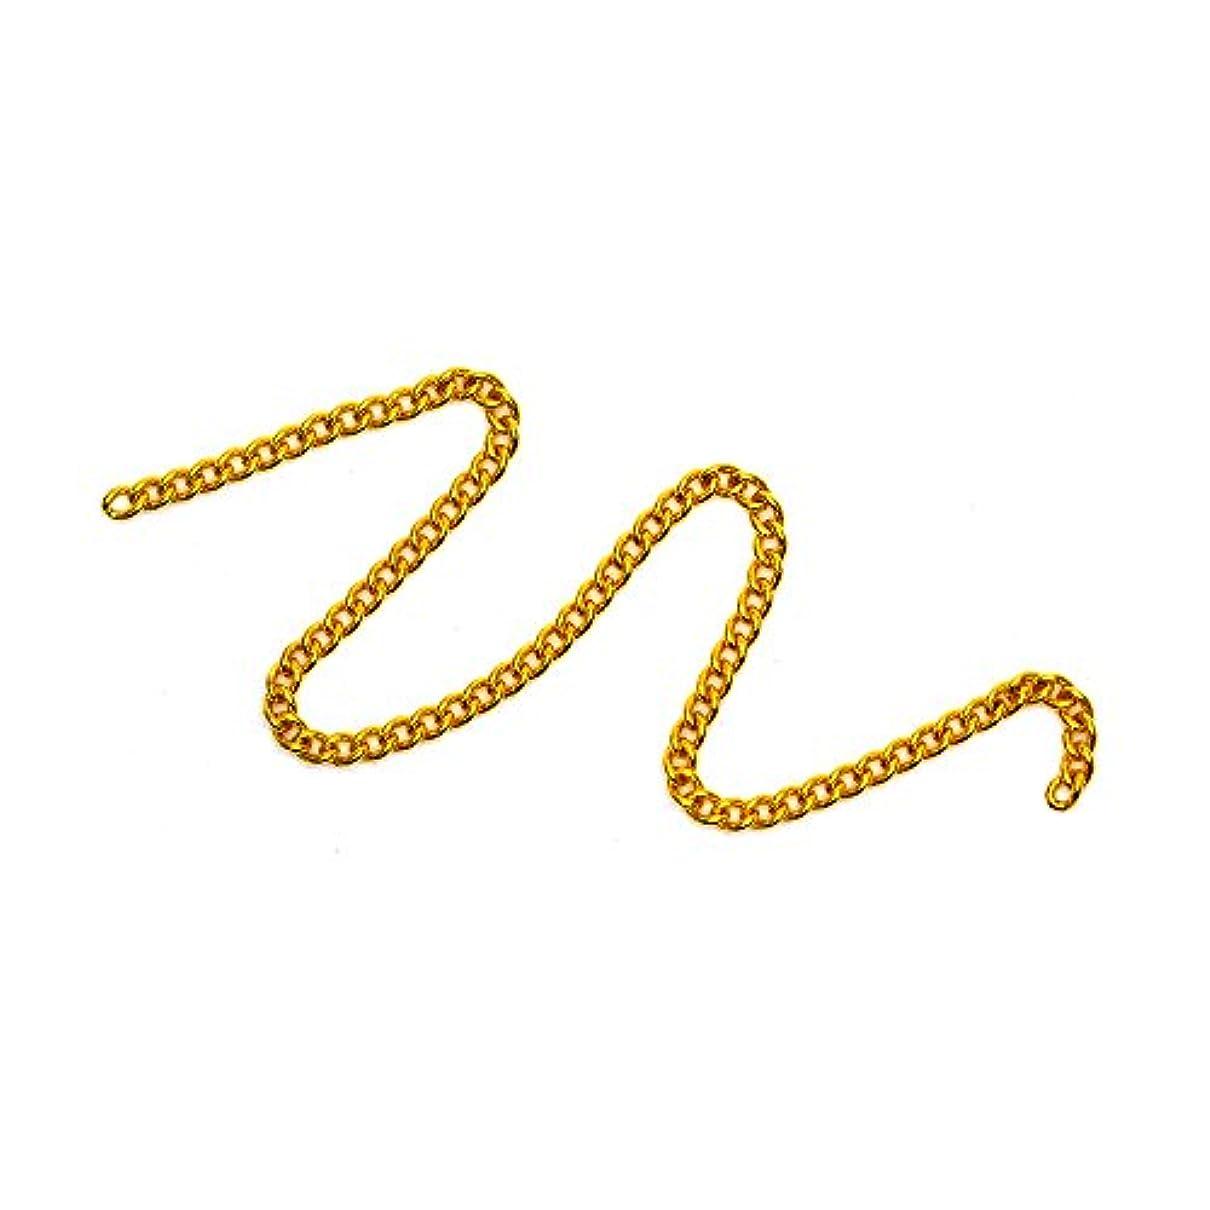 惑星口裏切り者irogel イロジェル ネイルパーツ プレーンチェーン【ゴールド 1mm】【約10cm】